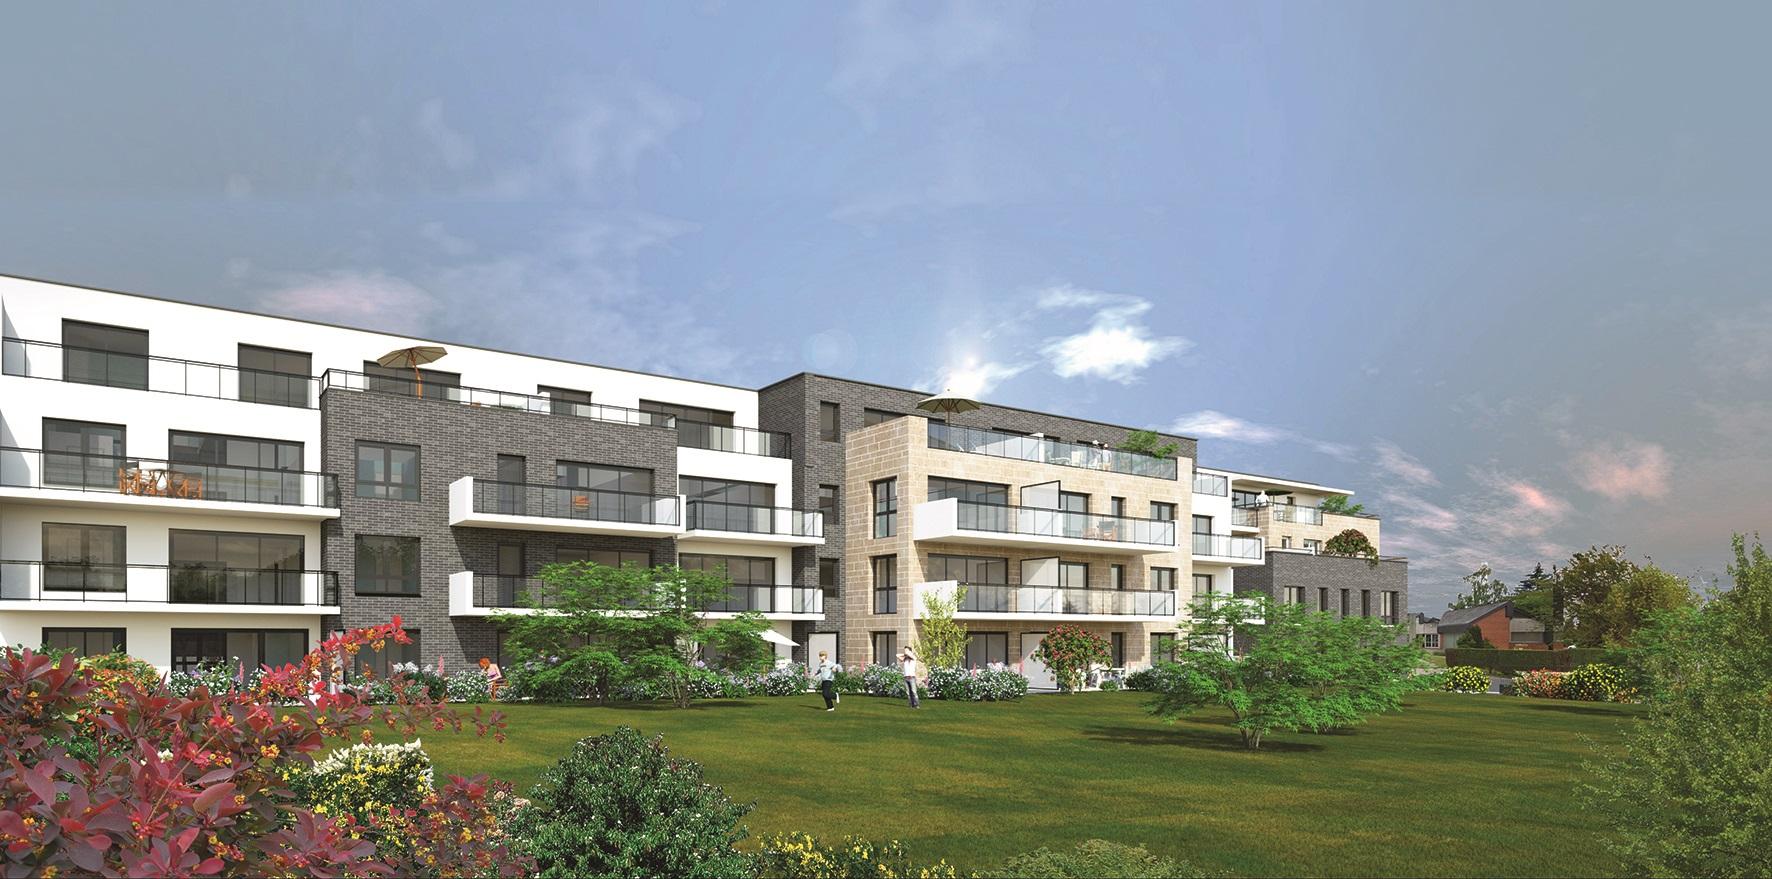 Perspective de ce que sera la future résidence Carré d'Or (Illustration@DR)